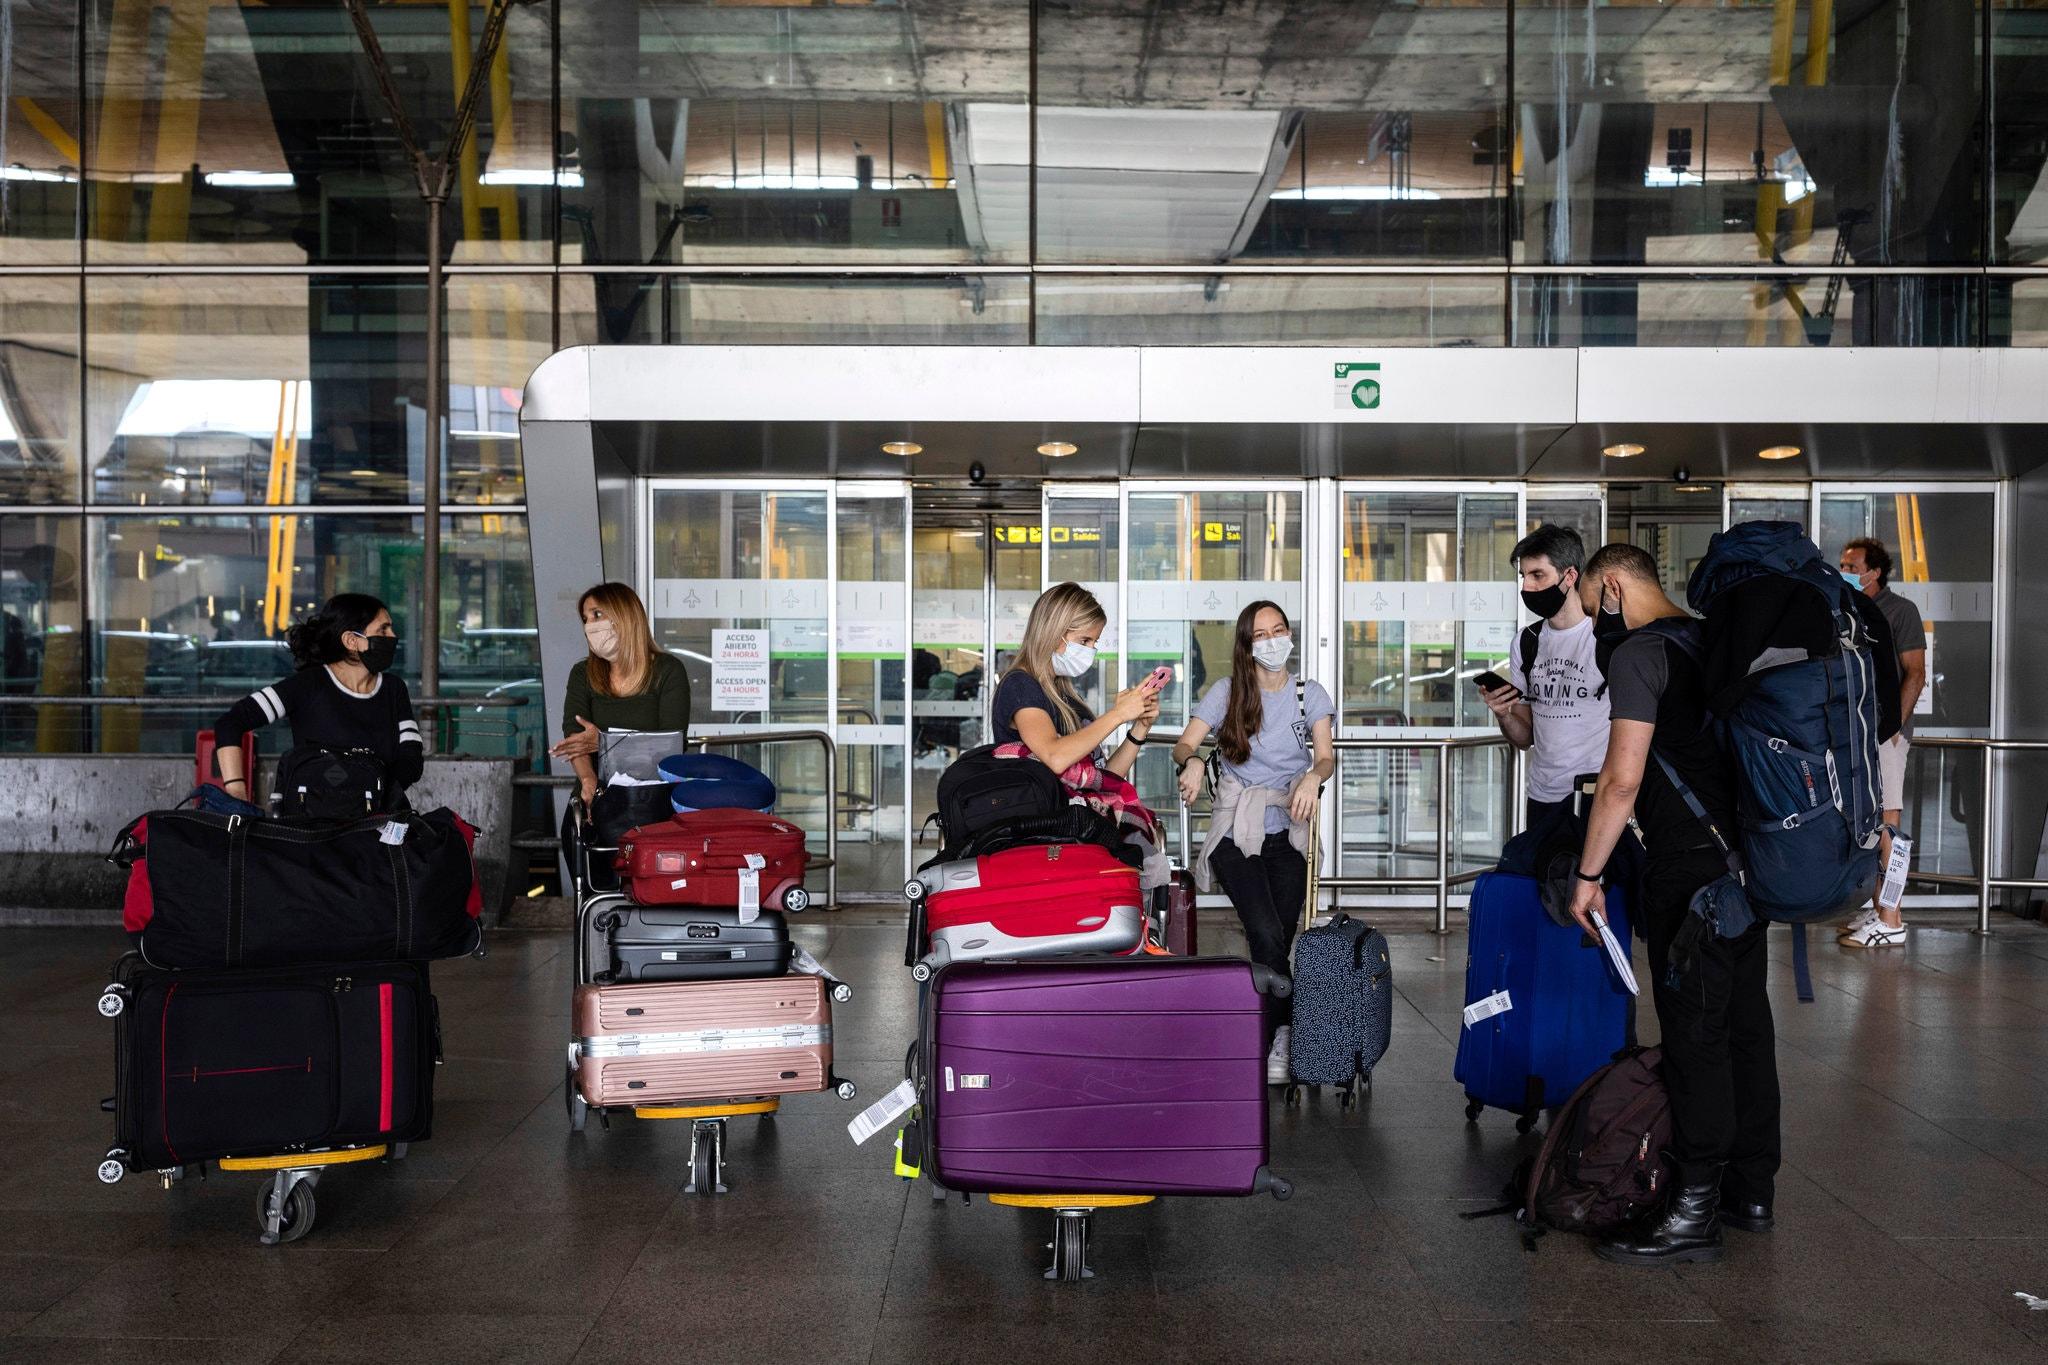 Europa përgatitet për rihapjen e kufijve, SHBA rrezikon të jetë e përjashtuar